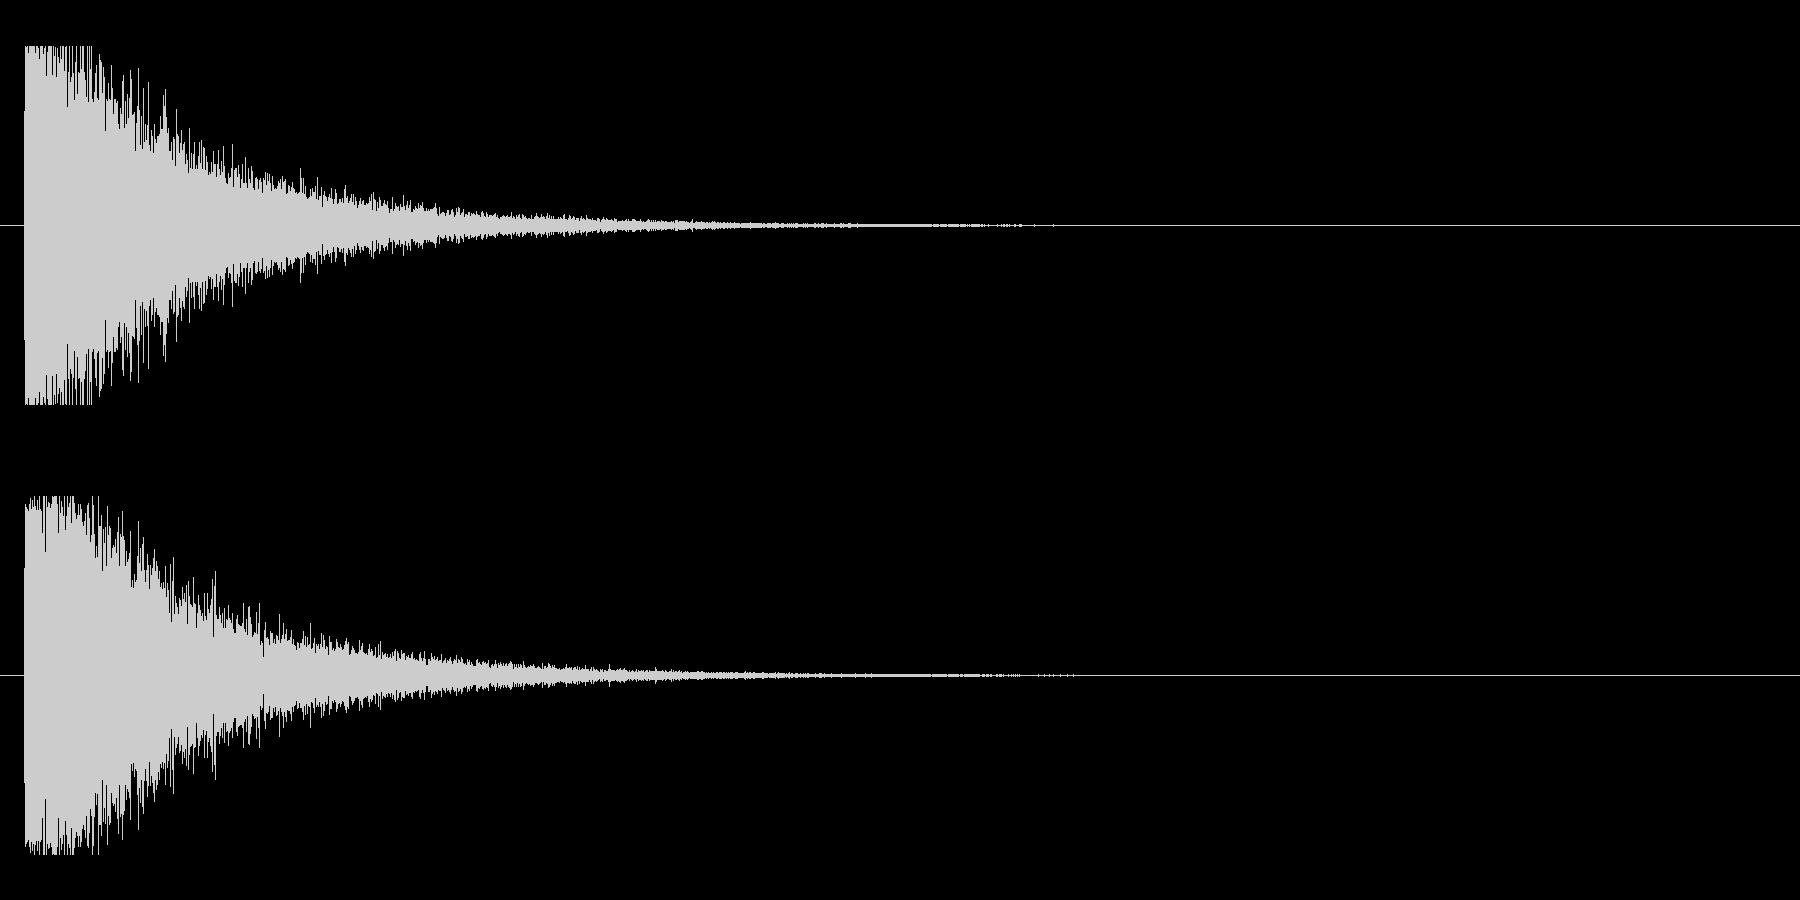 レーザー音-10-1の未再生の波形